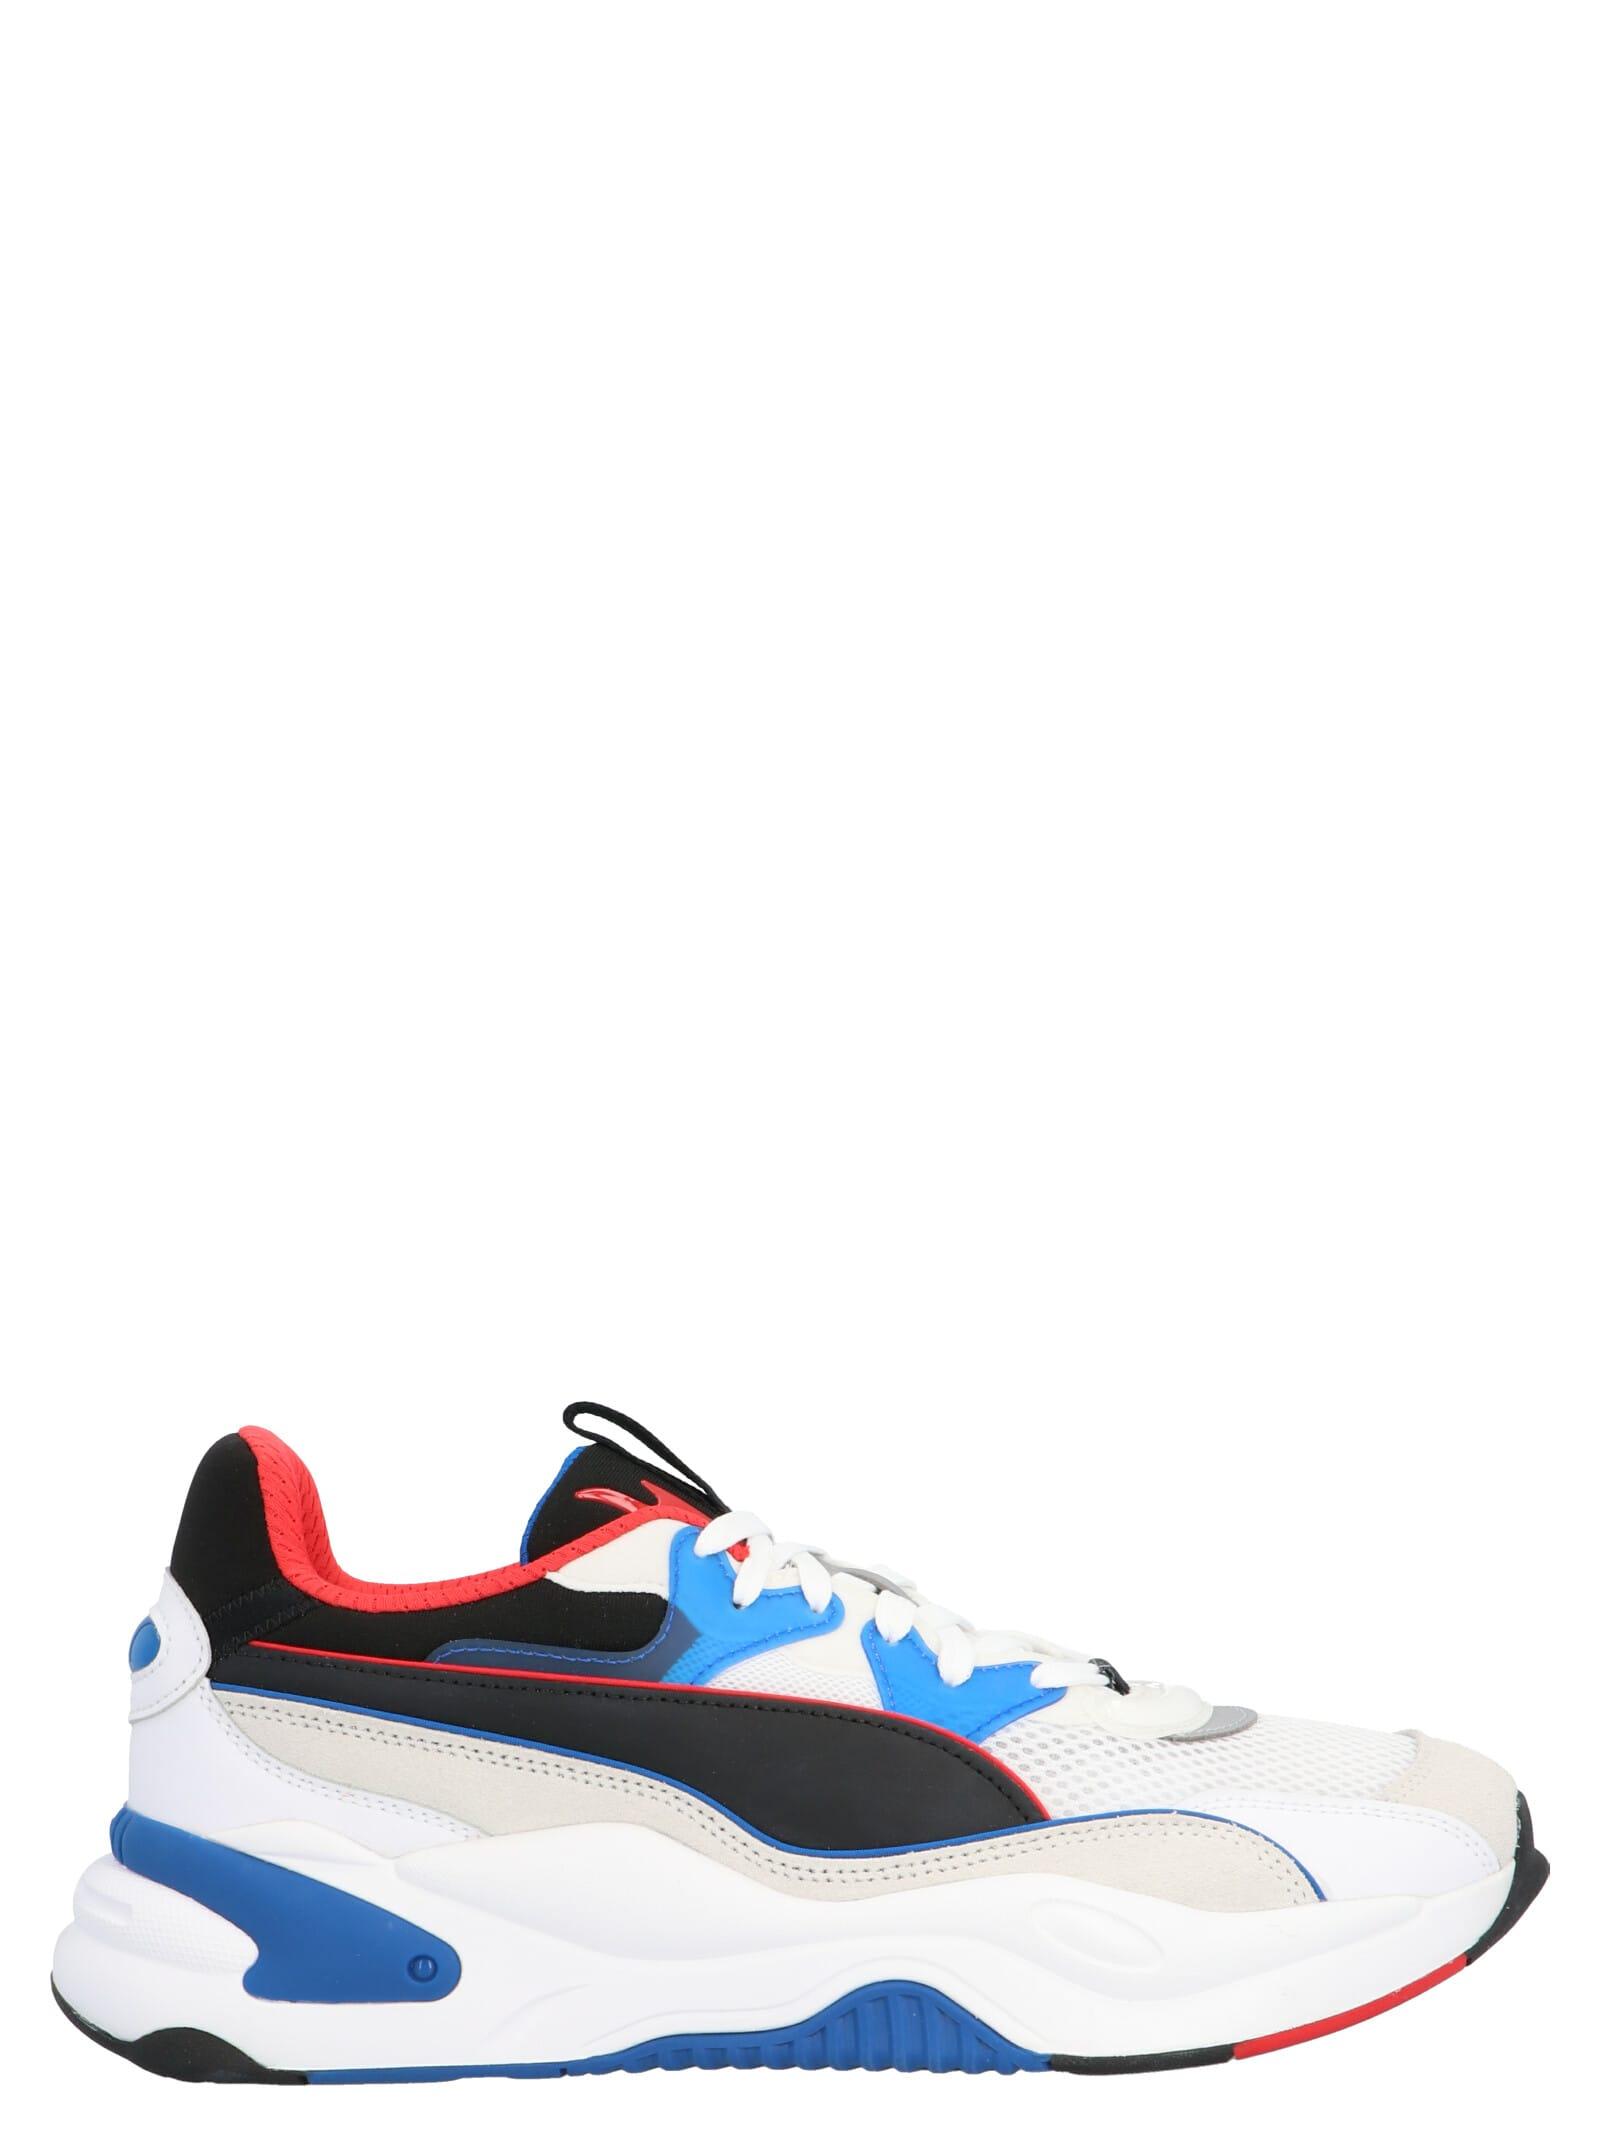 Puma rs-2k Internet Exploring Shoes